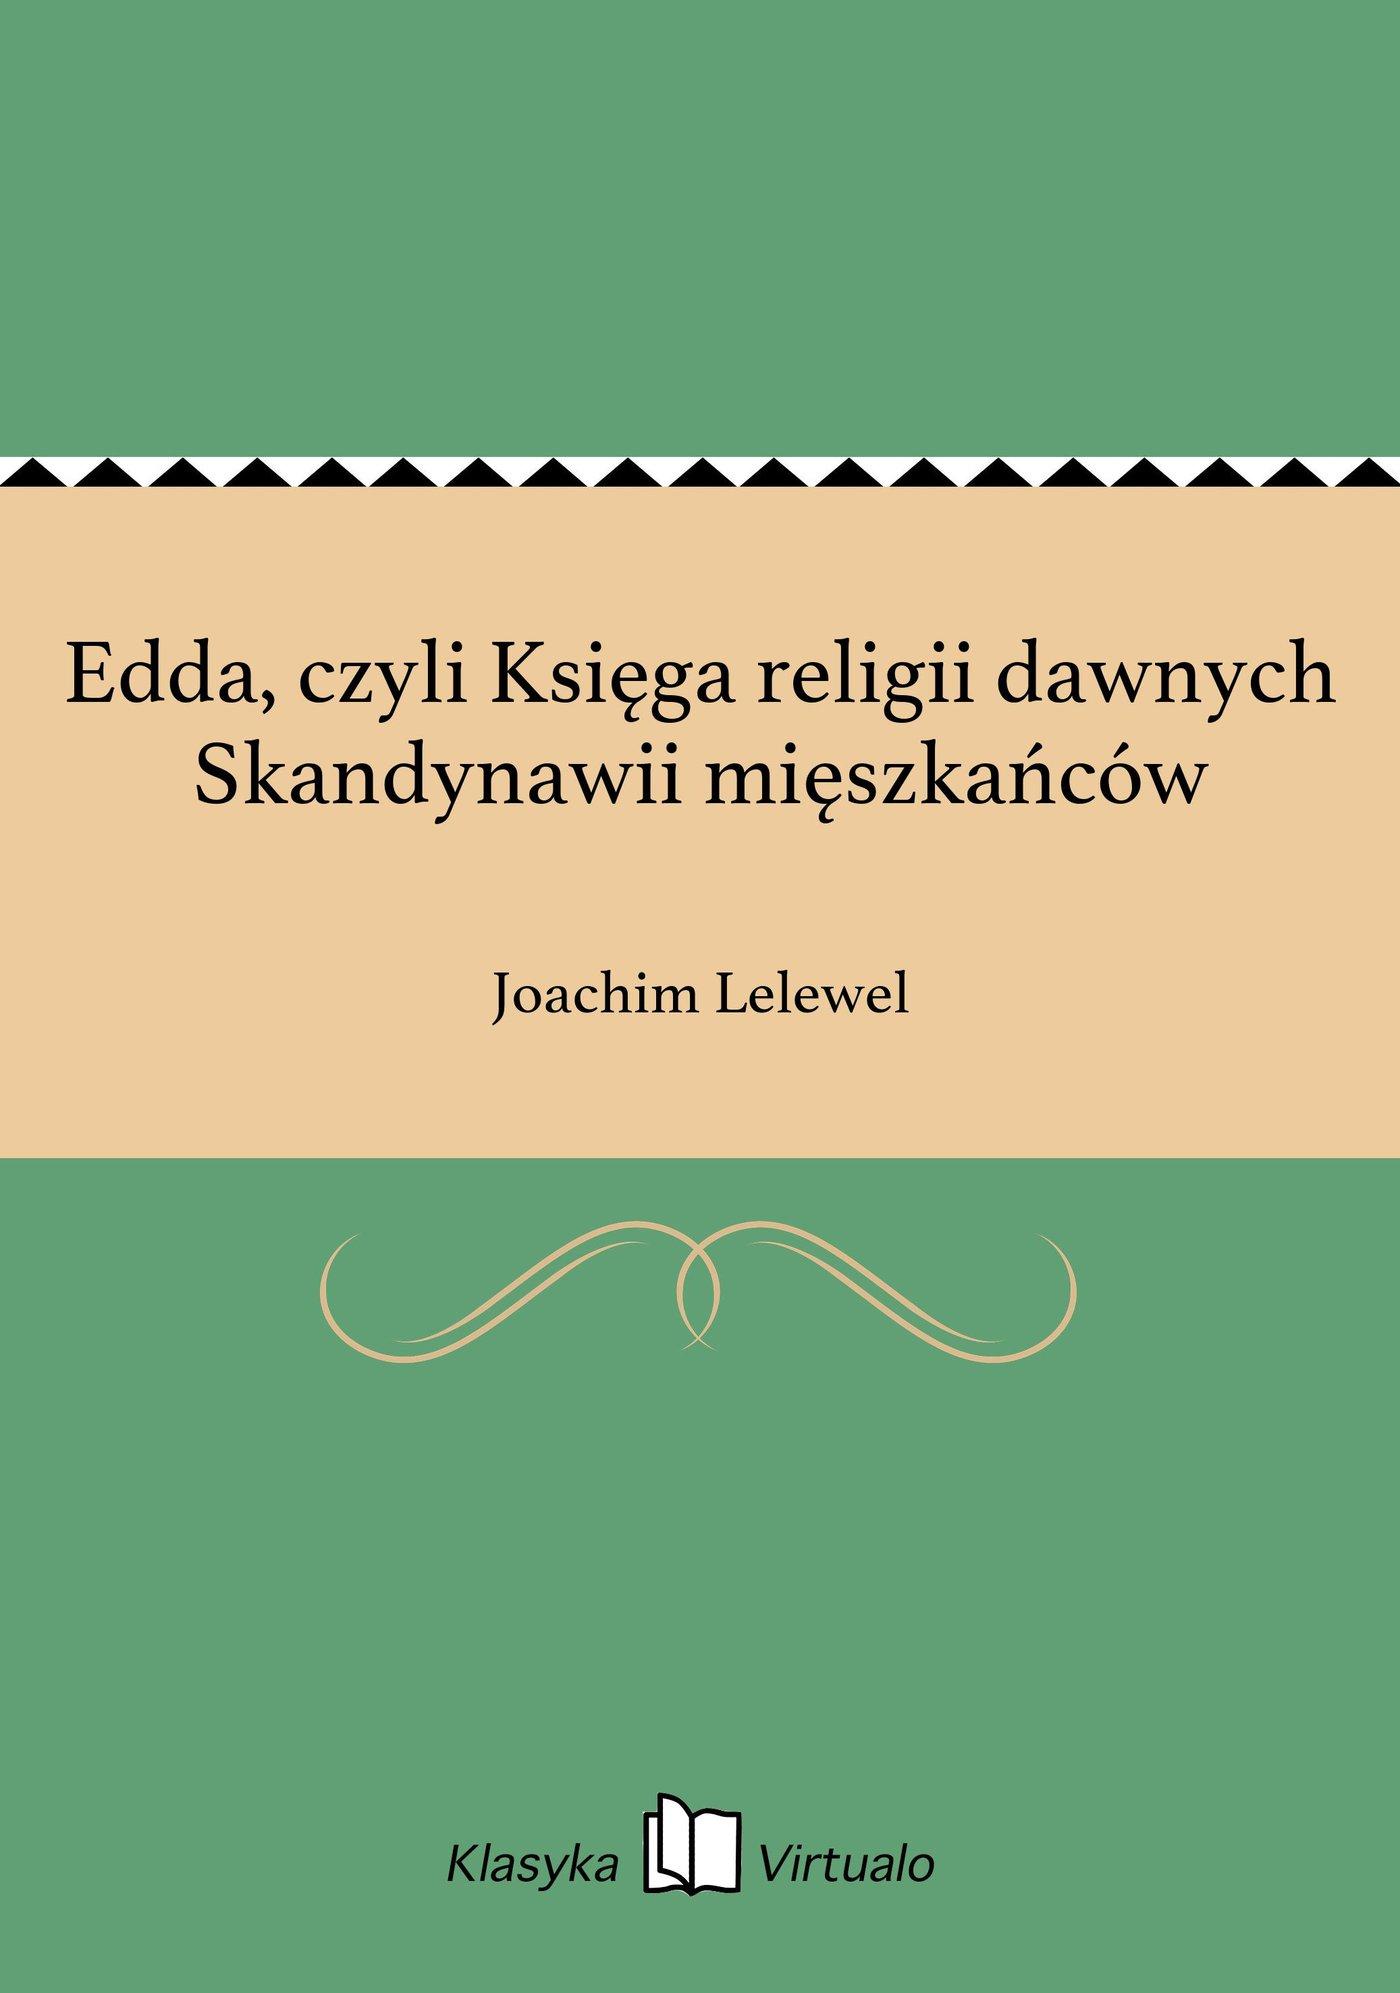 Edda, czyli Księga religii dawnych Skandynawii mięszkańców - Ebook (Książka EPUB) do pobrania w formacie EPUB